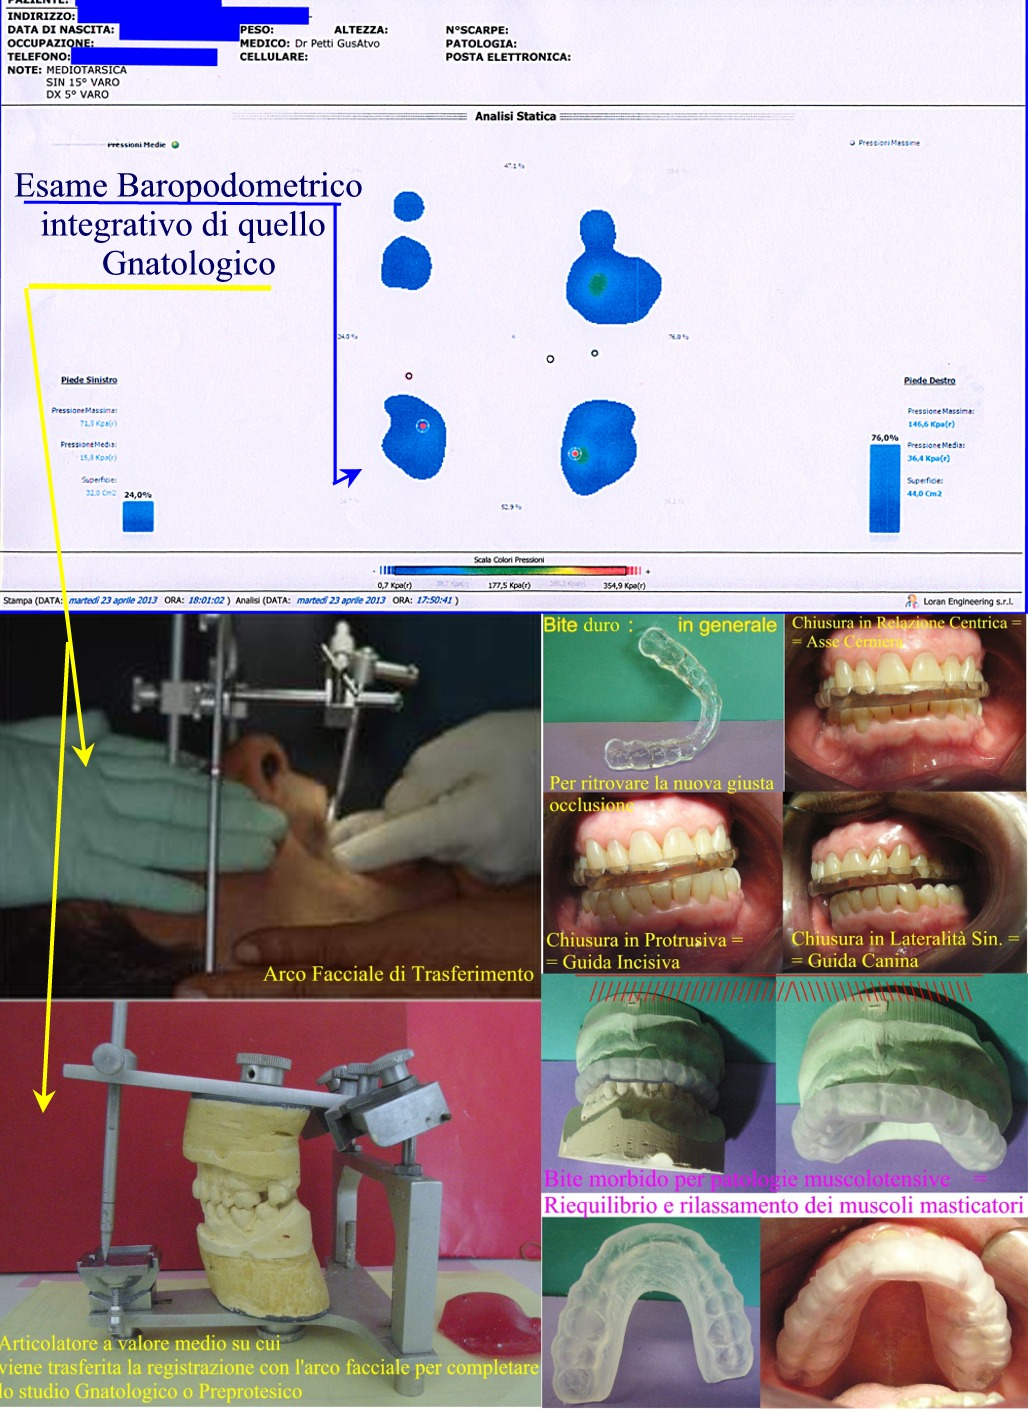 Gnatologia. Arco Facciale di Trasferimento e Analisi Computerizzata Podometrica e Stabilometrica. Da casistica del Dr. Gustavo Petti Parodontologo Gnatologo di Cagliari